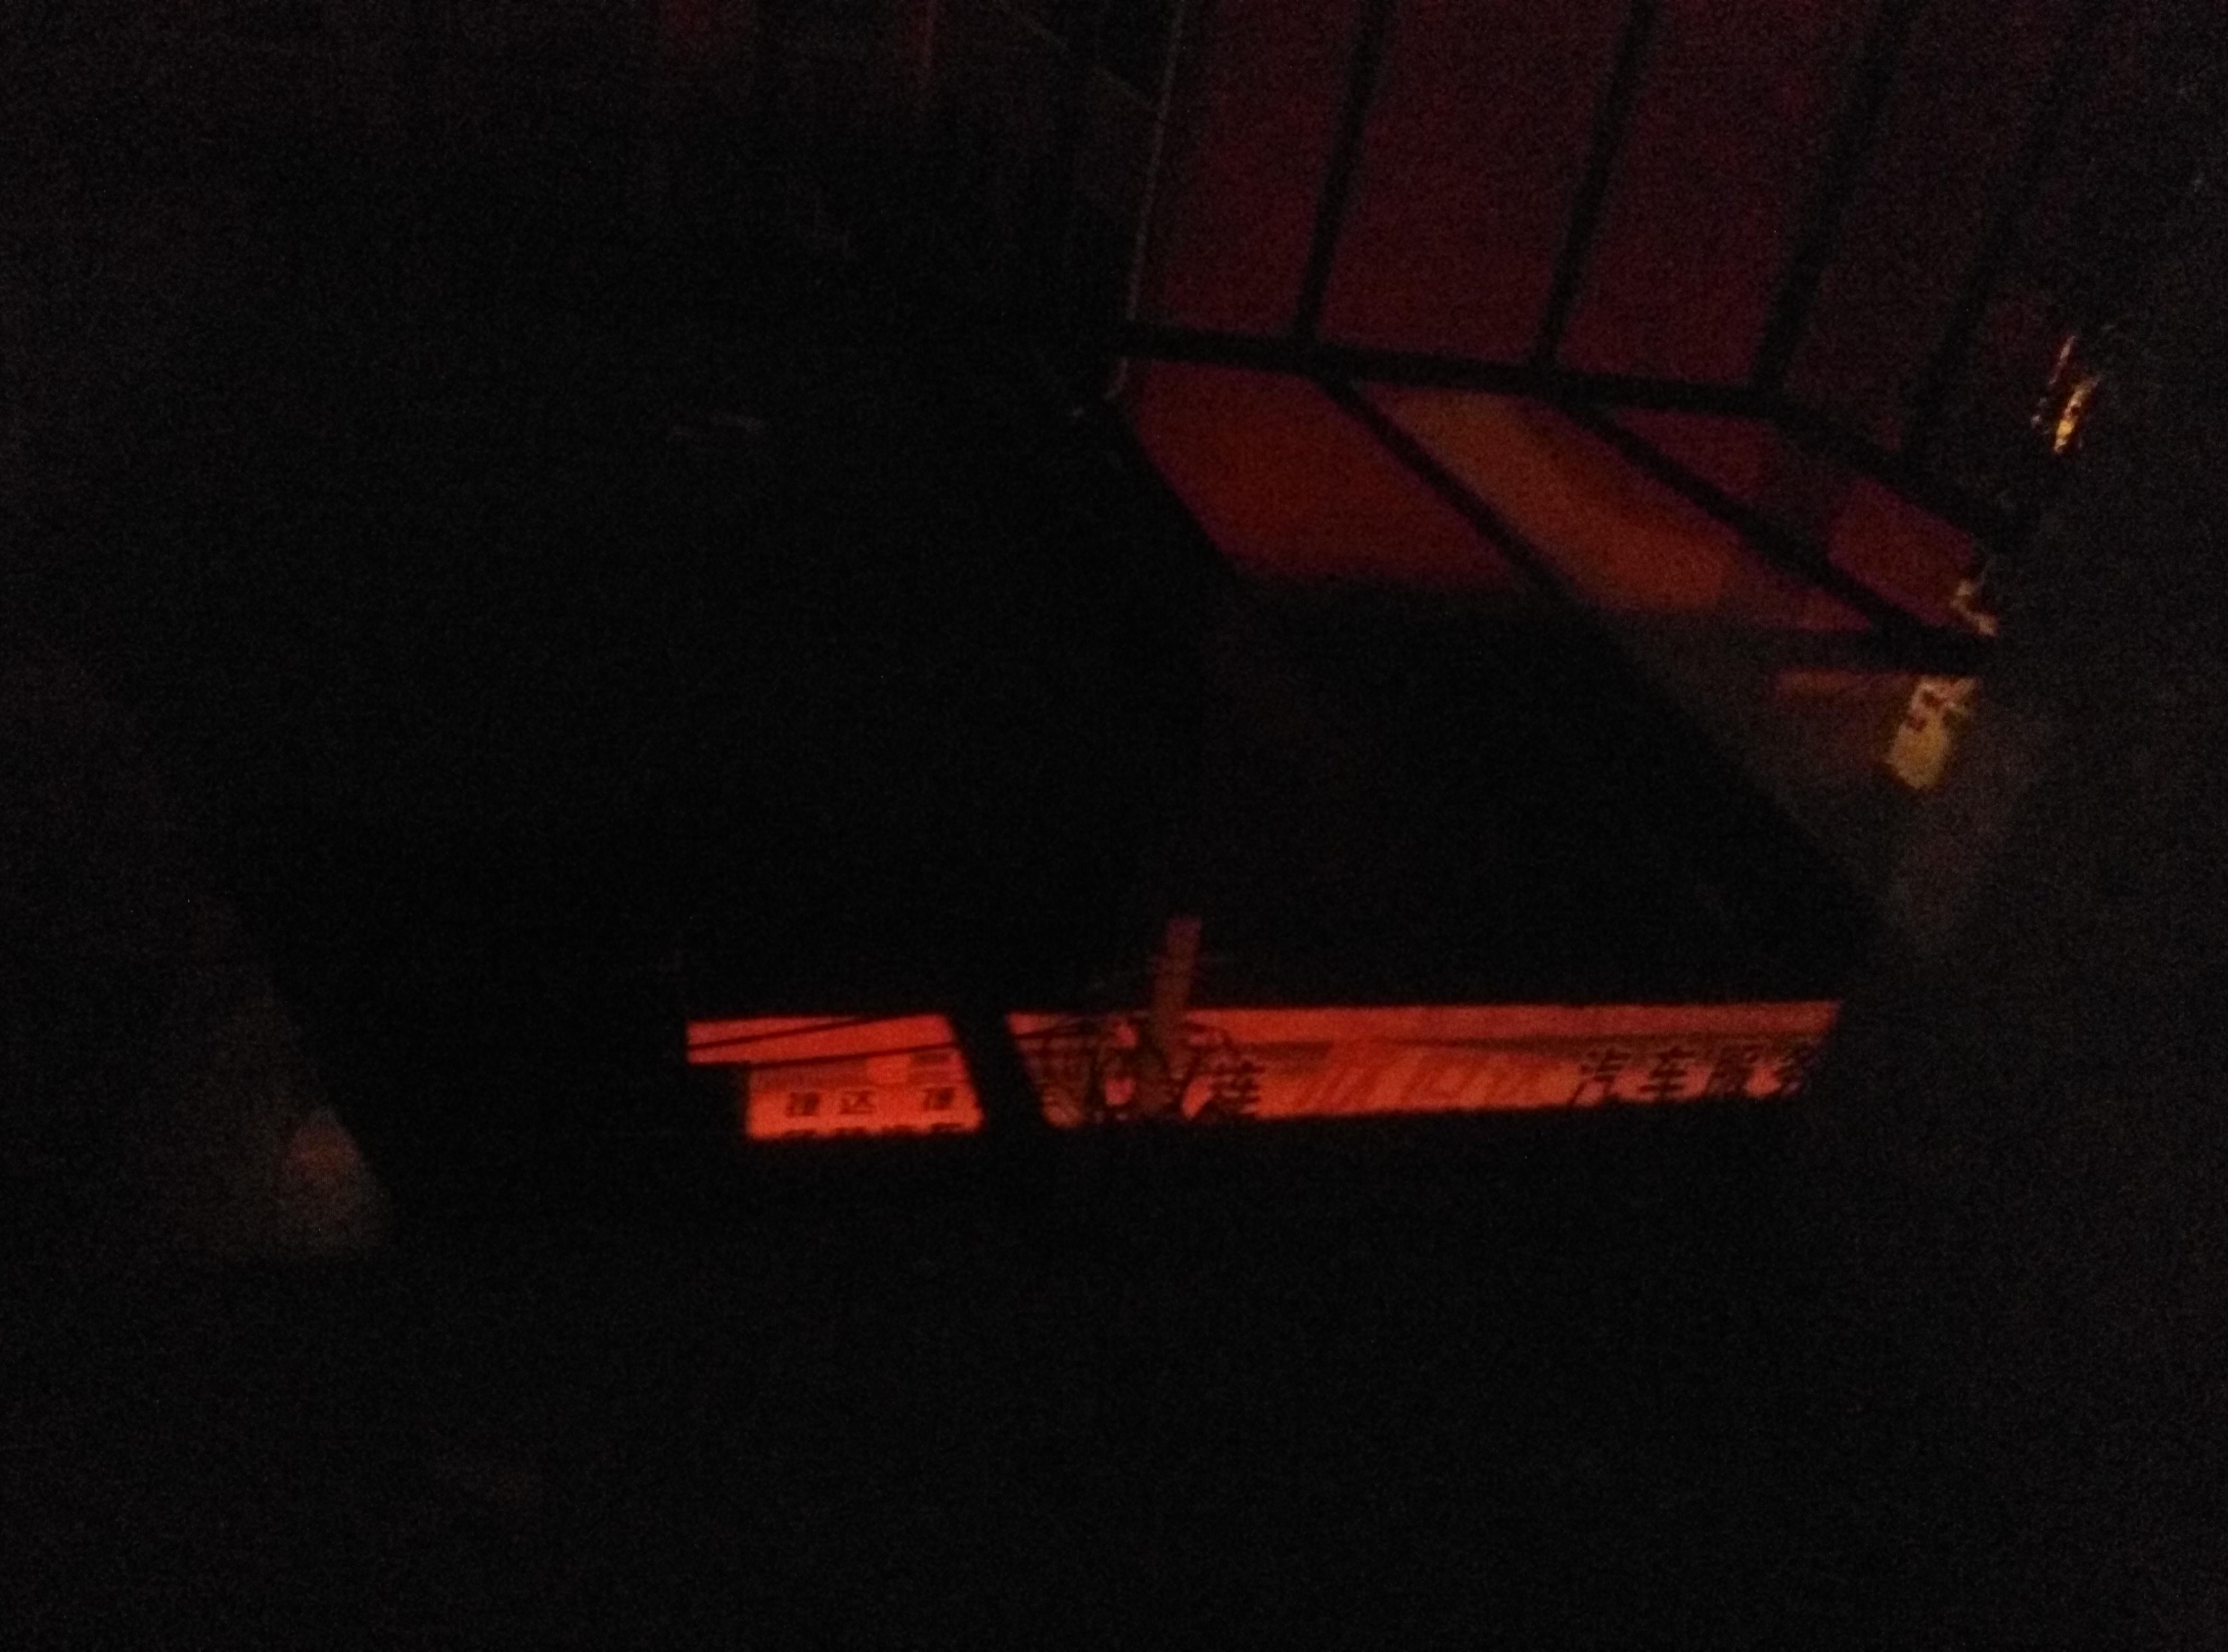 从屋里窗户缝隙拍到的楼下的红光,11号阿姨说的女人就等在这条街上。 (作者供图)